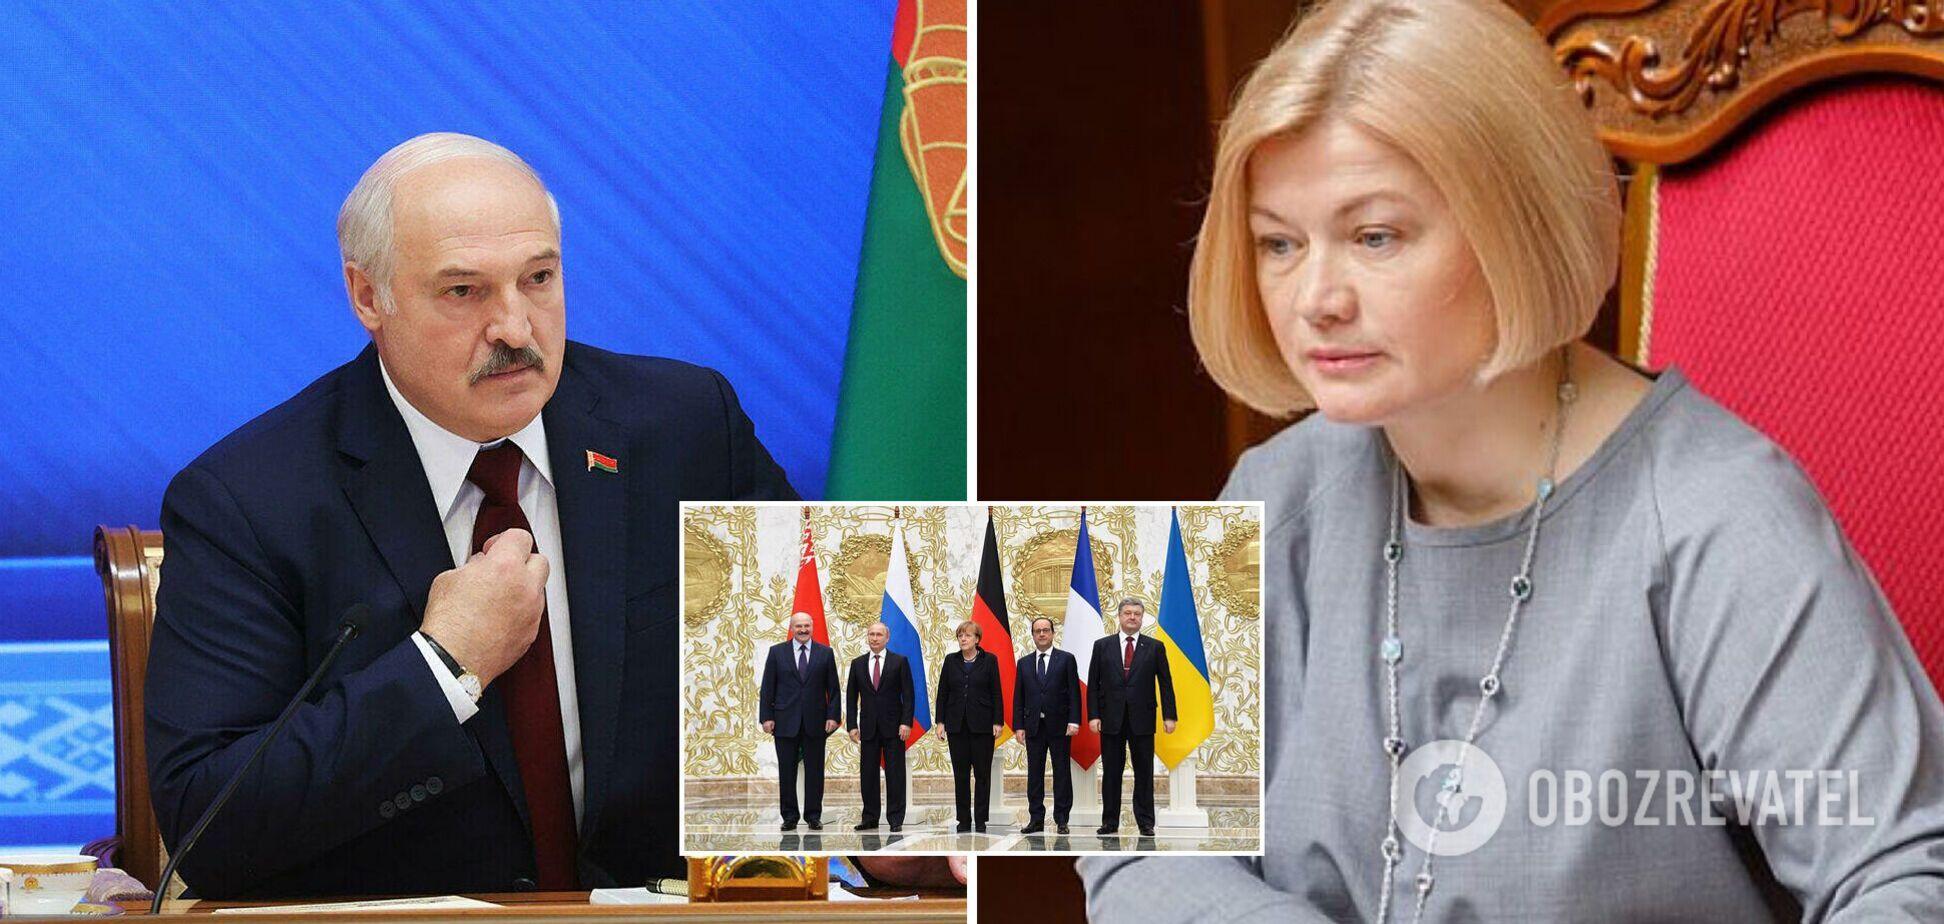 Геращенко заявила, що Лукашенко не брав участі у мінських перемовинах у2014-2015 рр